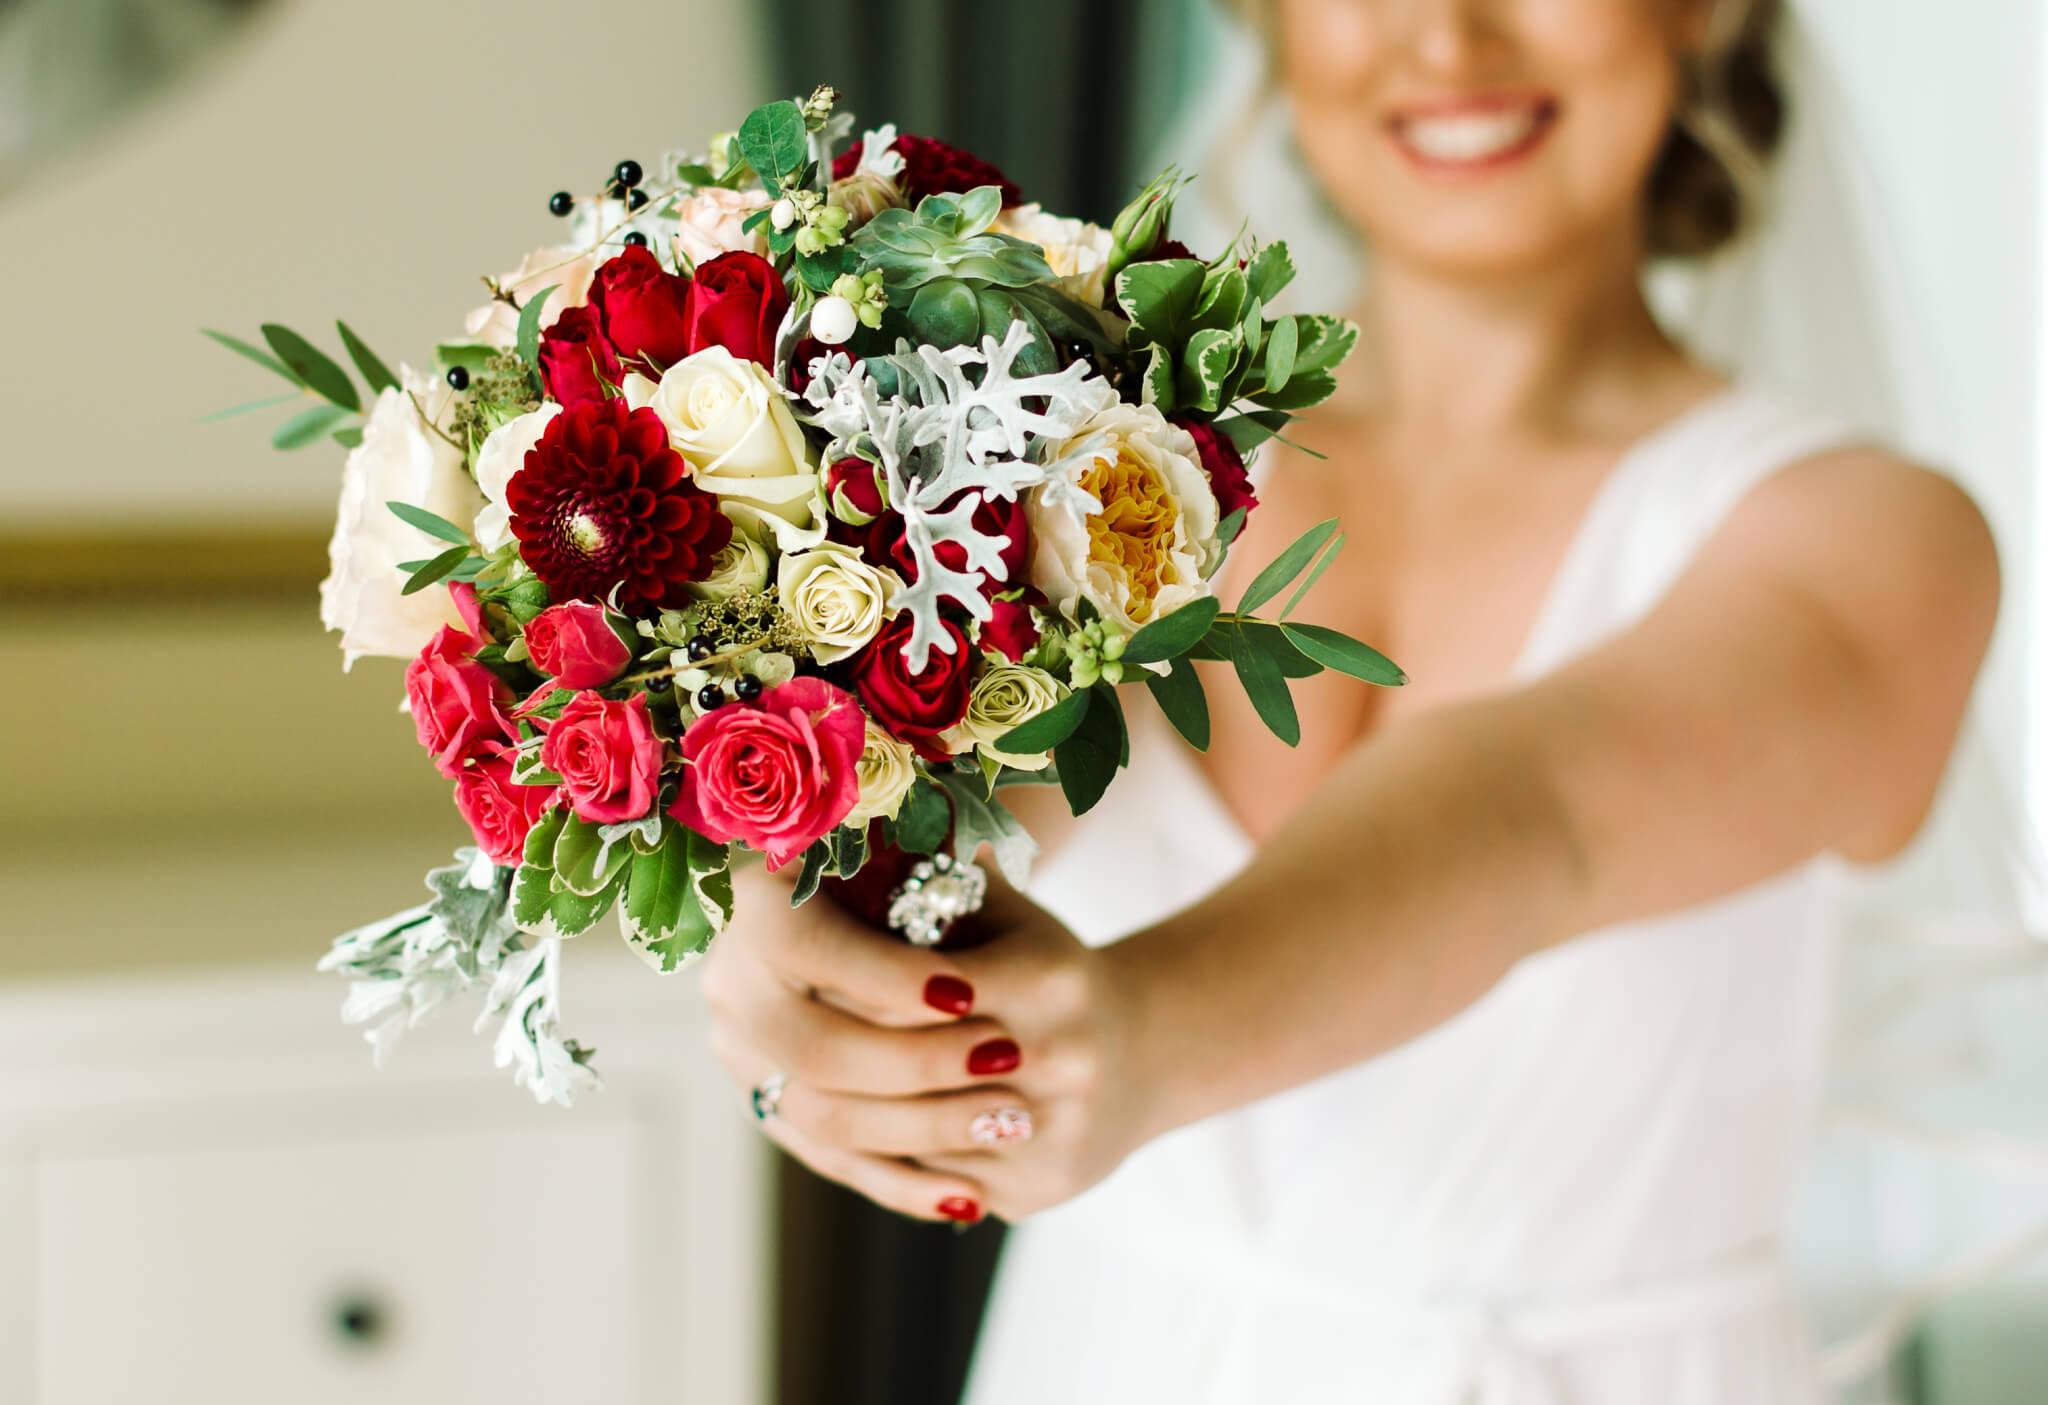 Brautstrauss mit roten Rosen und weiß